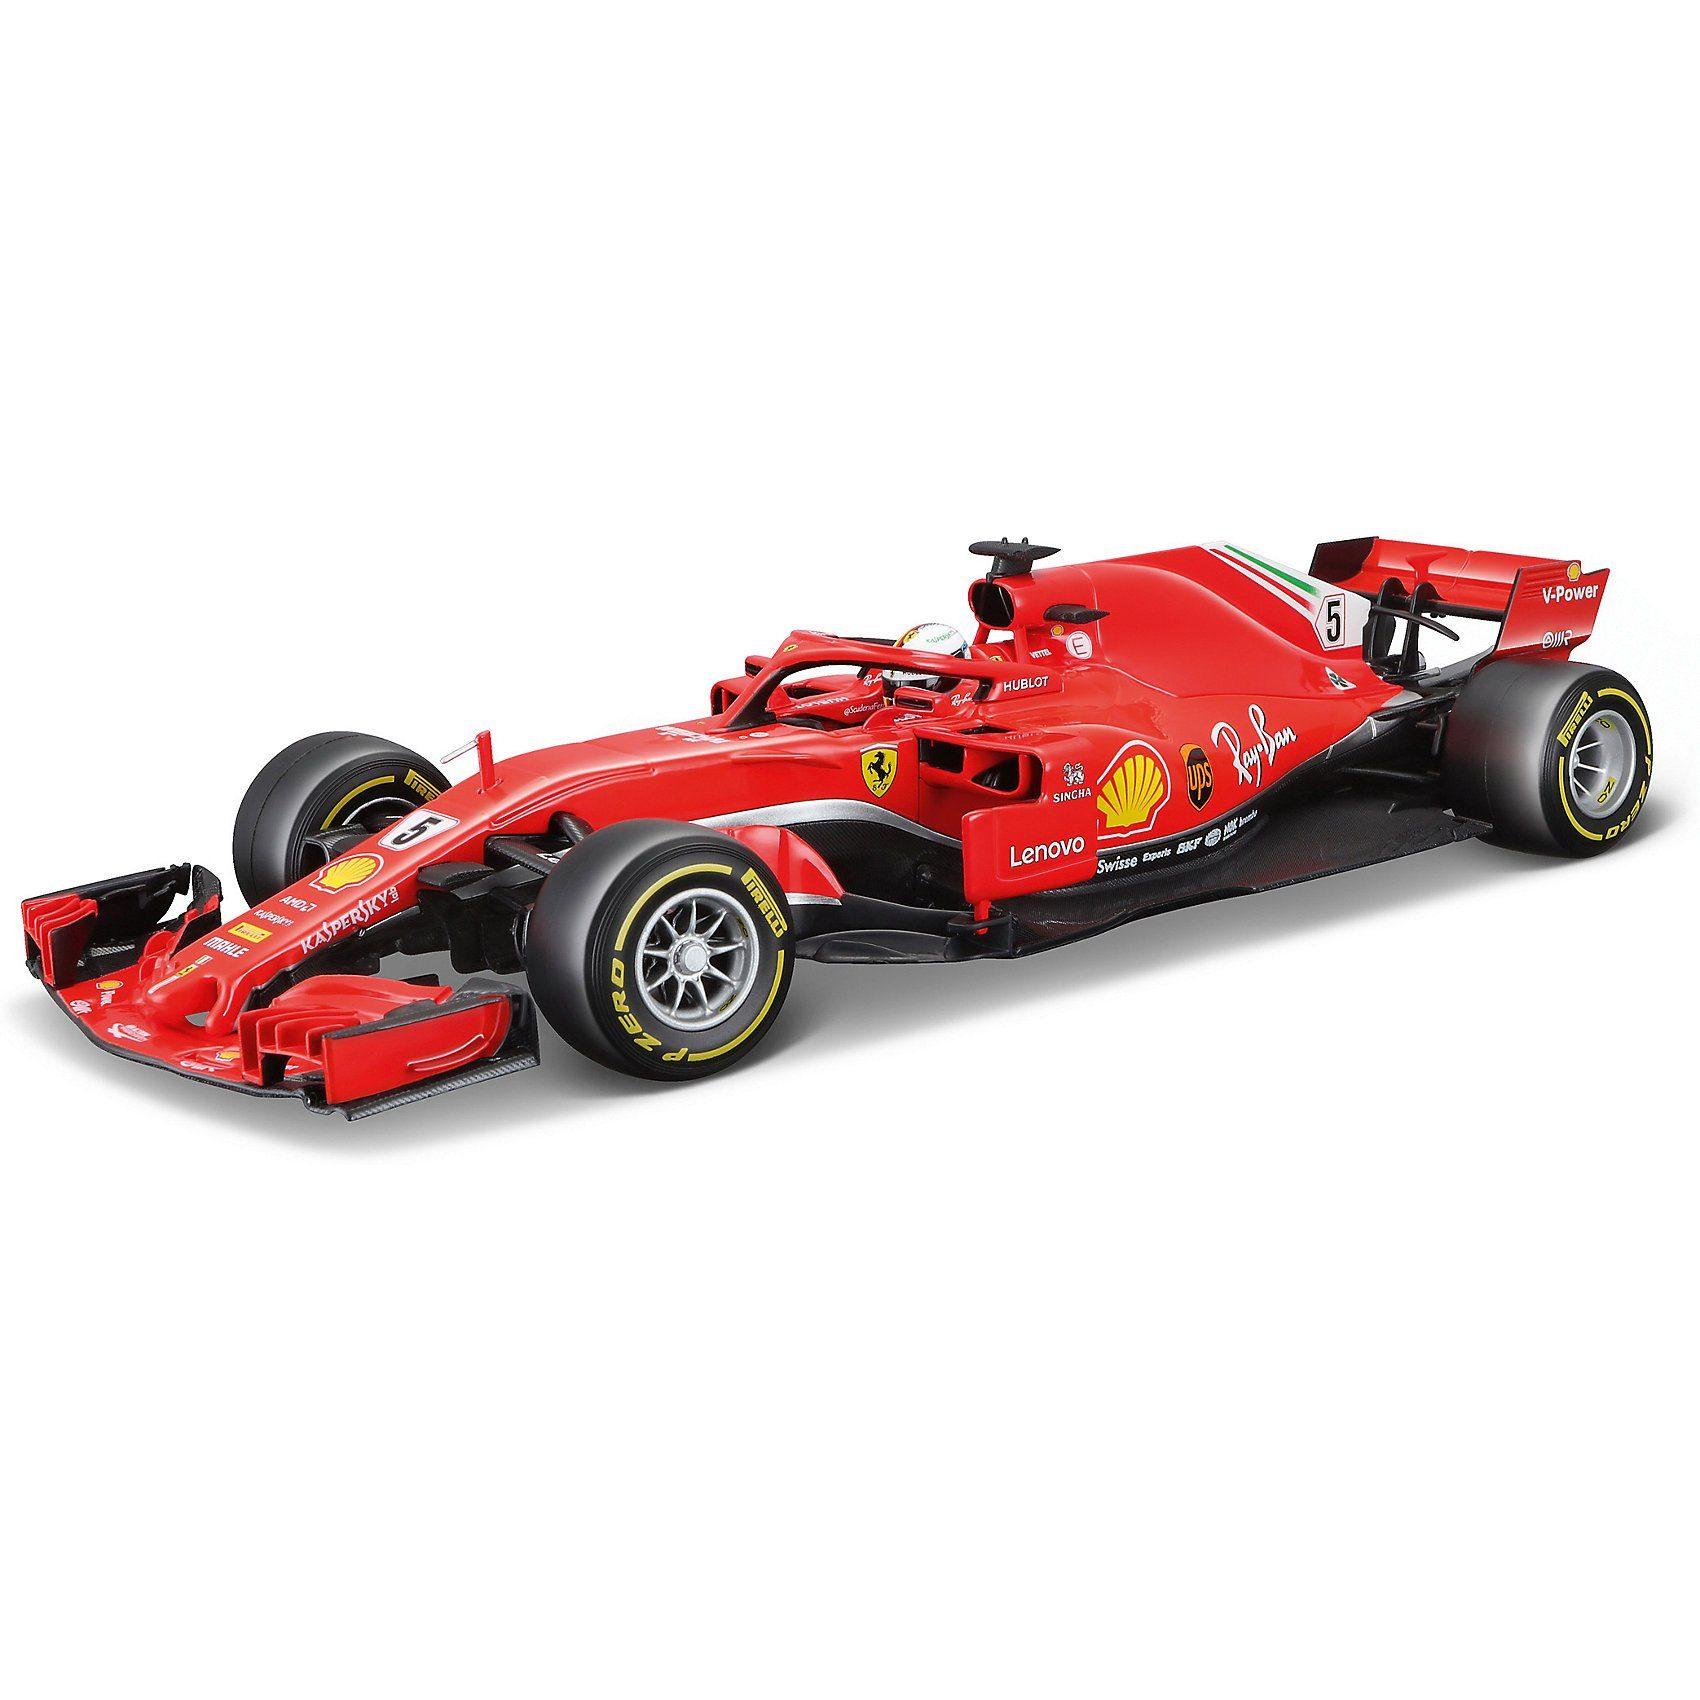 Bburago 1:18 Ferrari SF18-T Sebastian Vettel